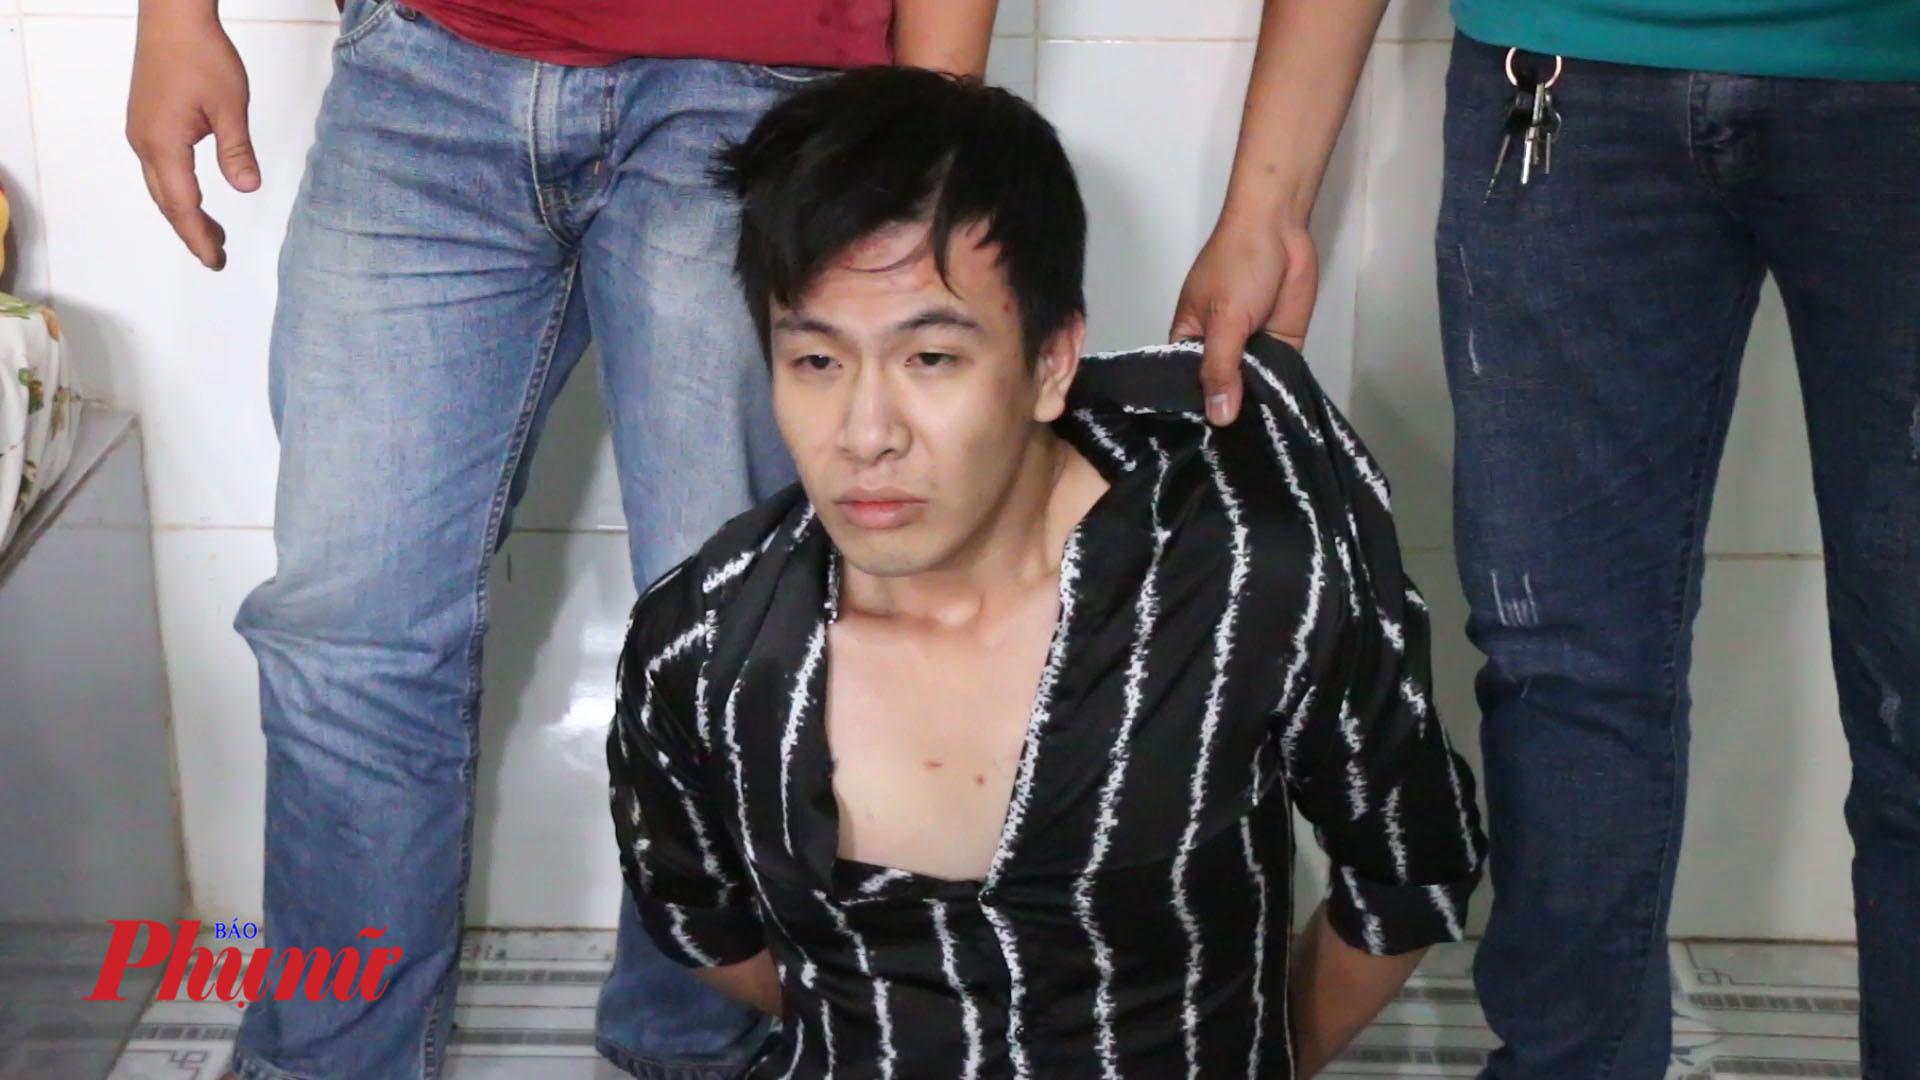 Đối tượng Trí bị bắt quả tang cùng gần 1kg ma túy  đá trong nhà nghỉ